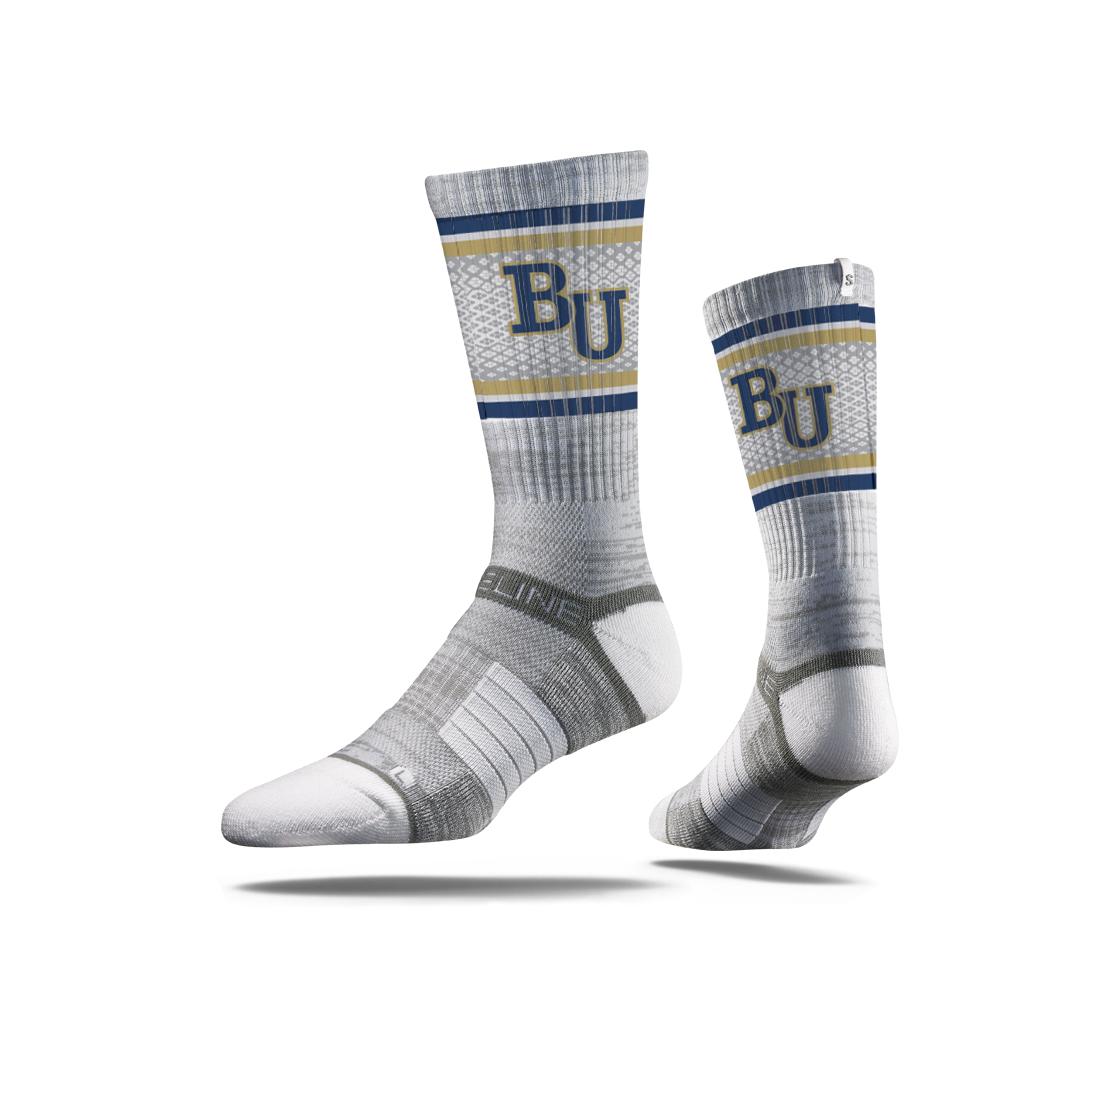 BU Socks